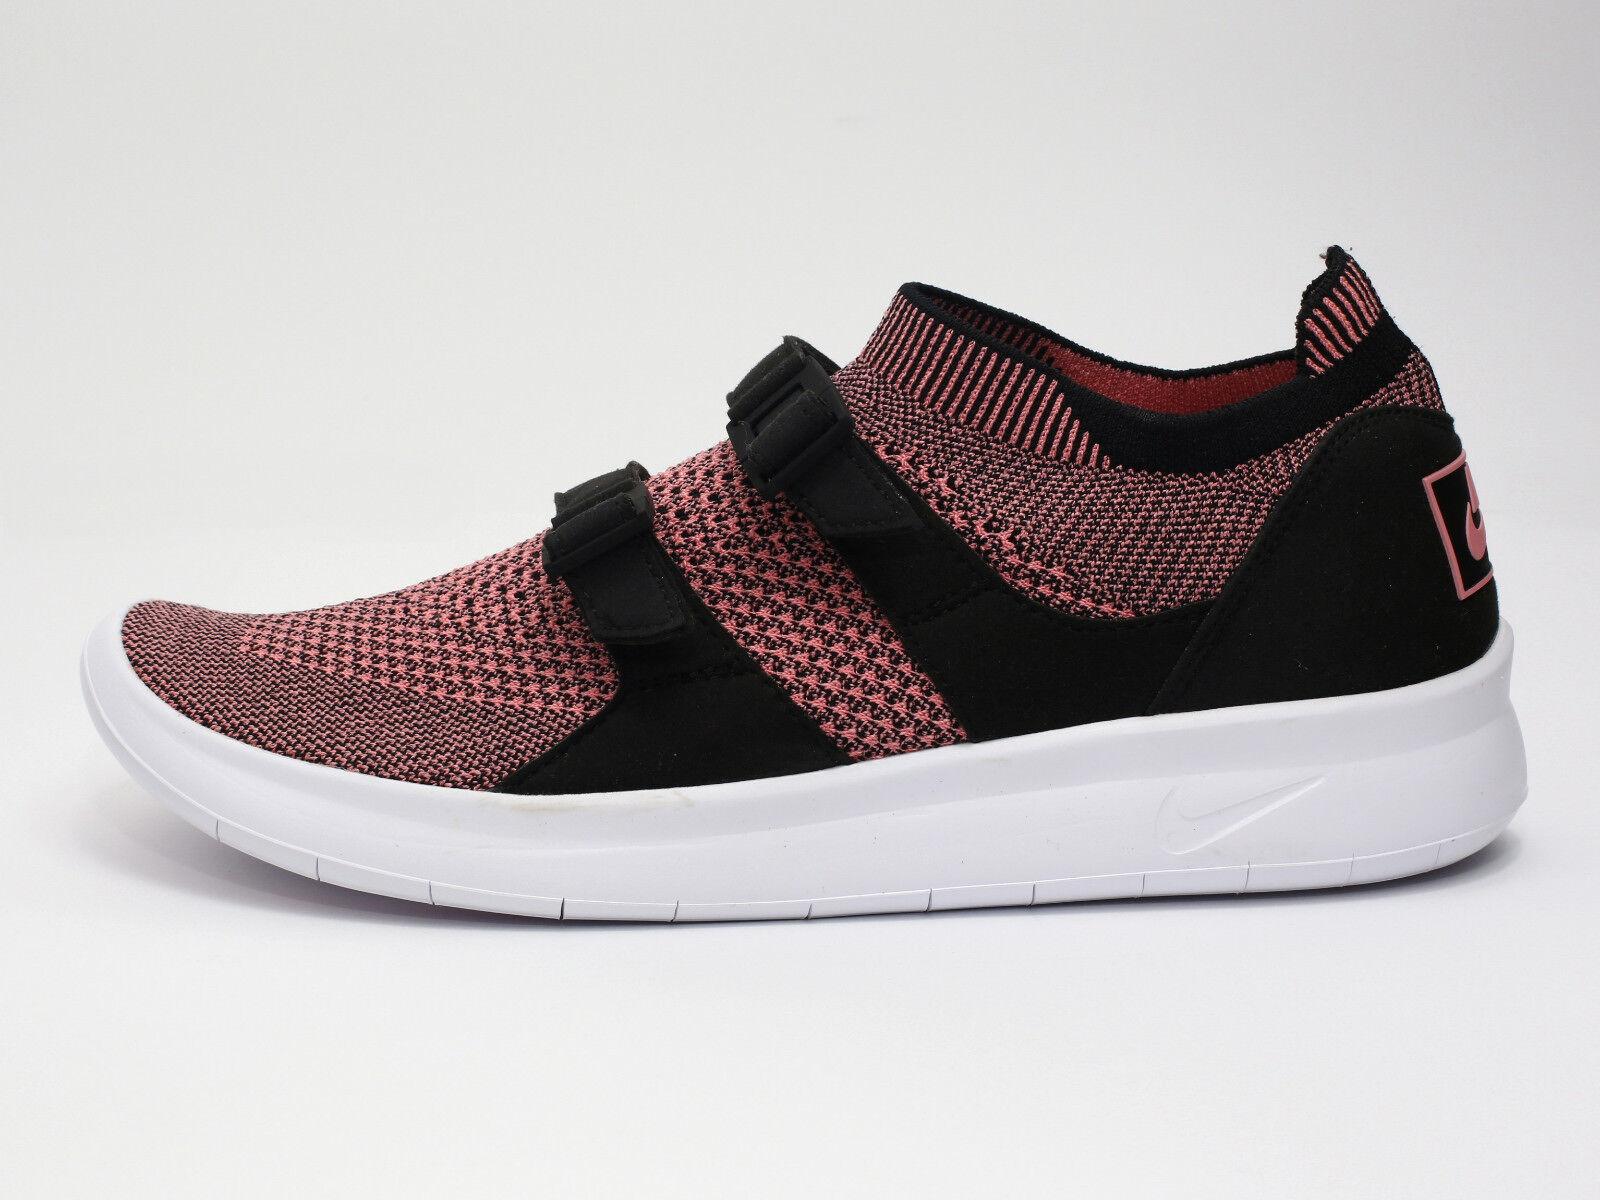 Nike Air Sockracer Flyknit (898022-003) Herren Sneaker - Gr.41 - Rot - Neu (S)